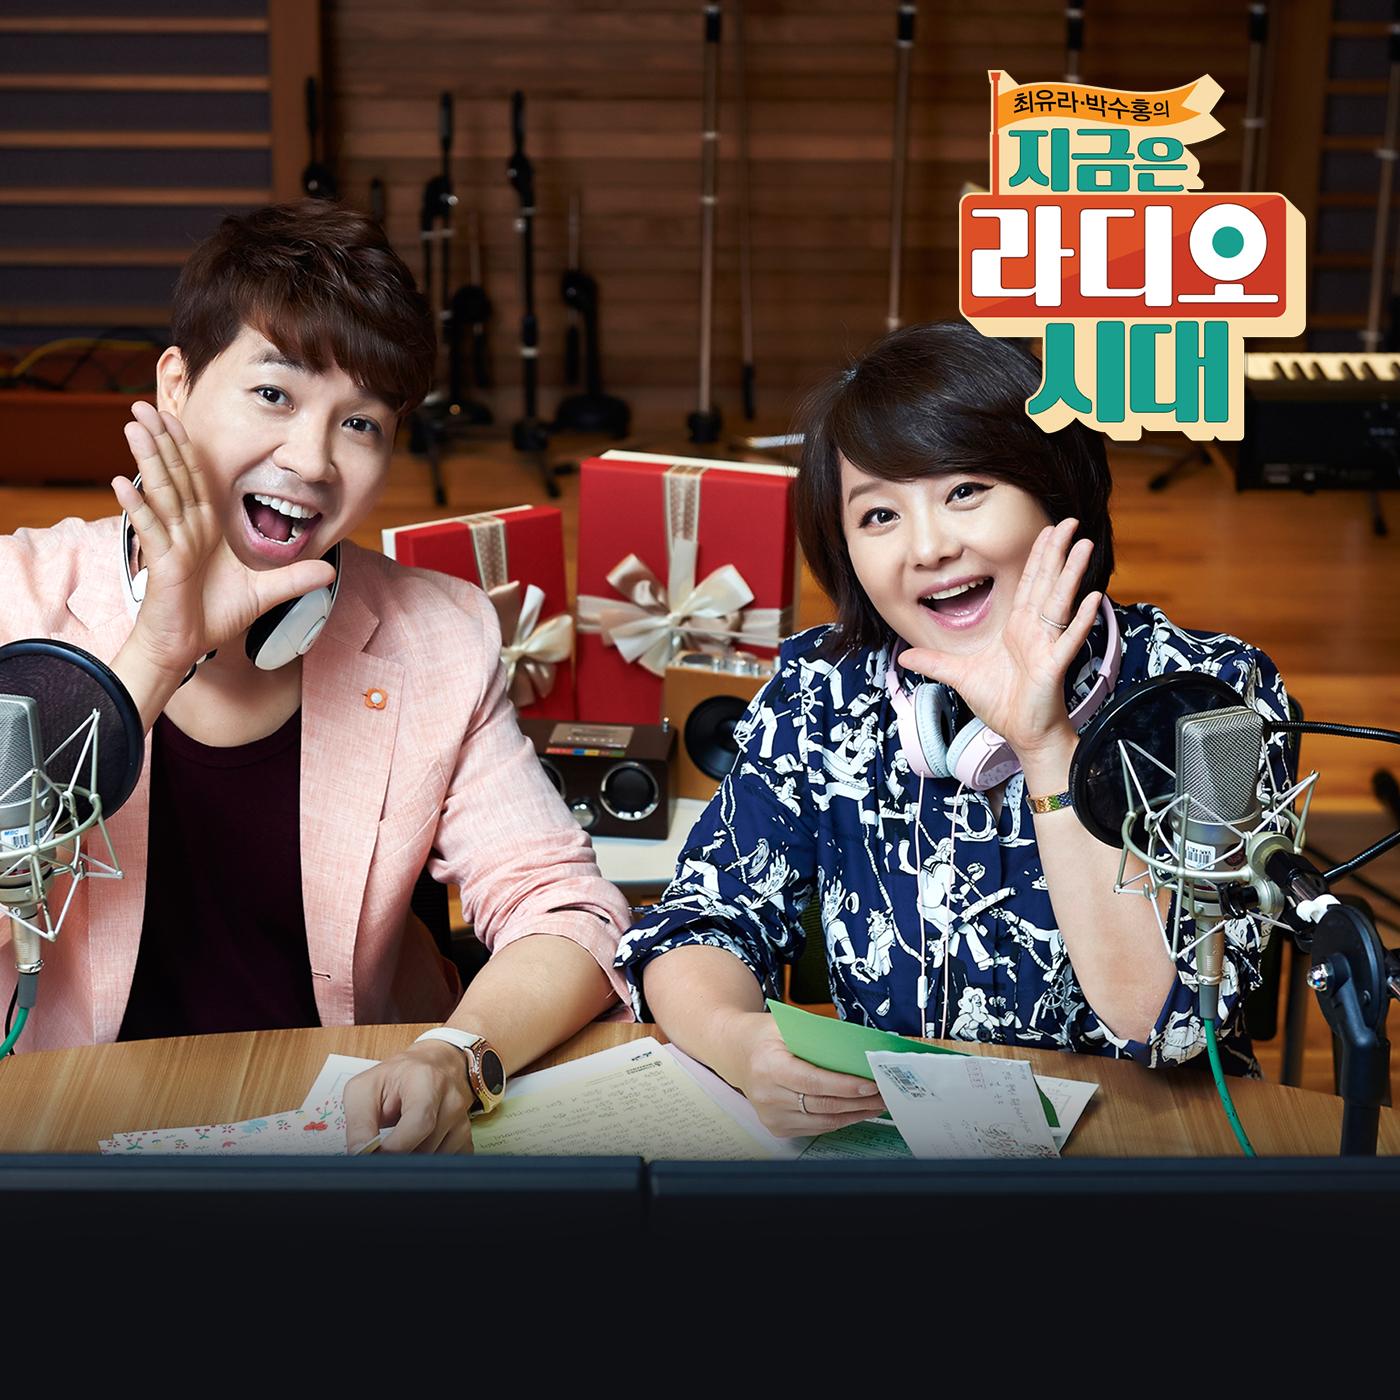 최유라, 박수홍의 지금은 라디오 시대